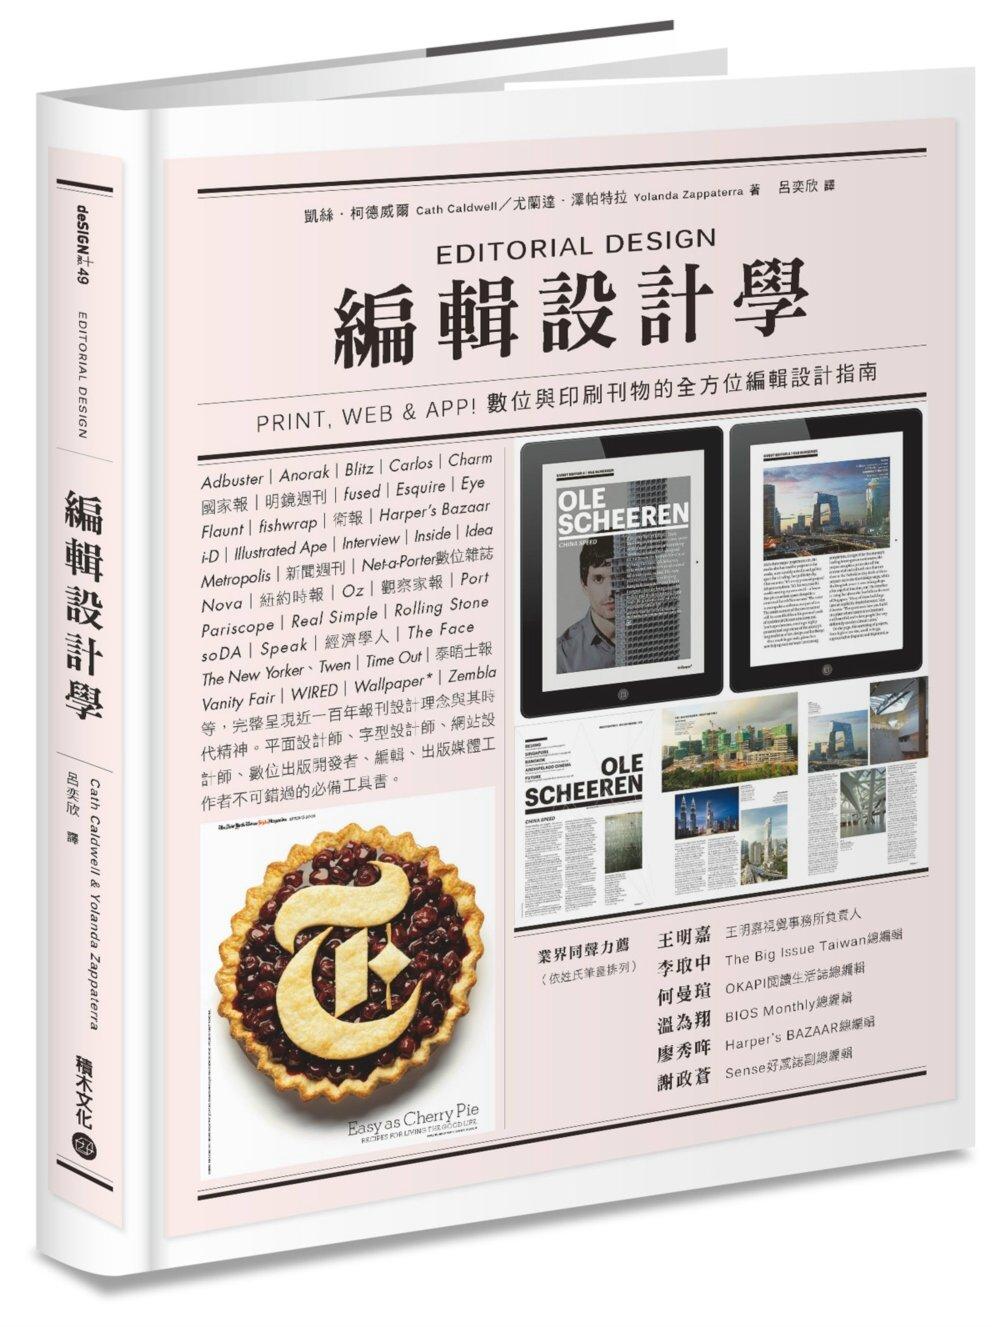 ◤博客來BOOKS◢ 暢銷書榜《推薦》編輯設計學:Print, Web & App!數位與印刷刊物的全方位編輯設計指南